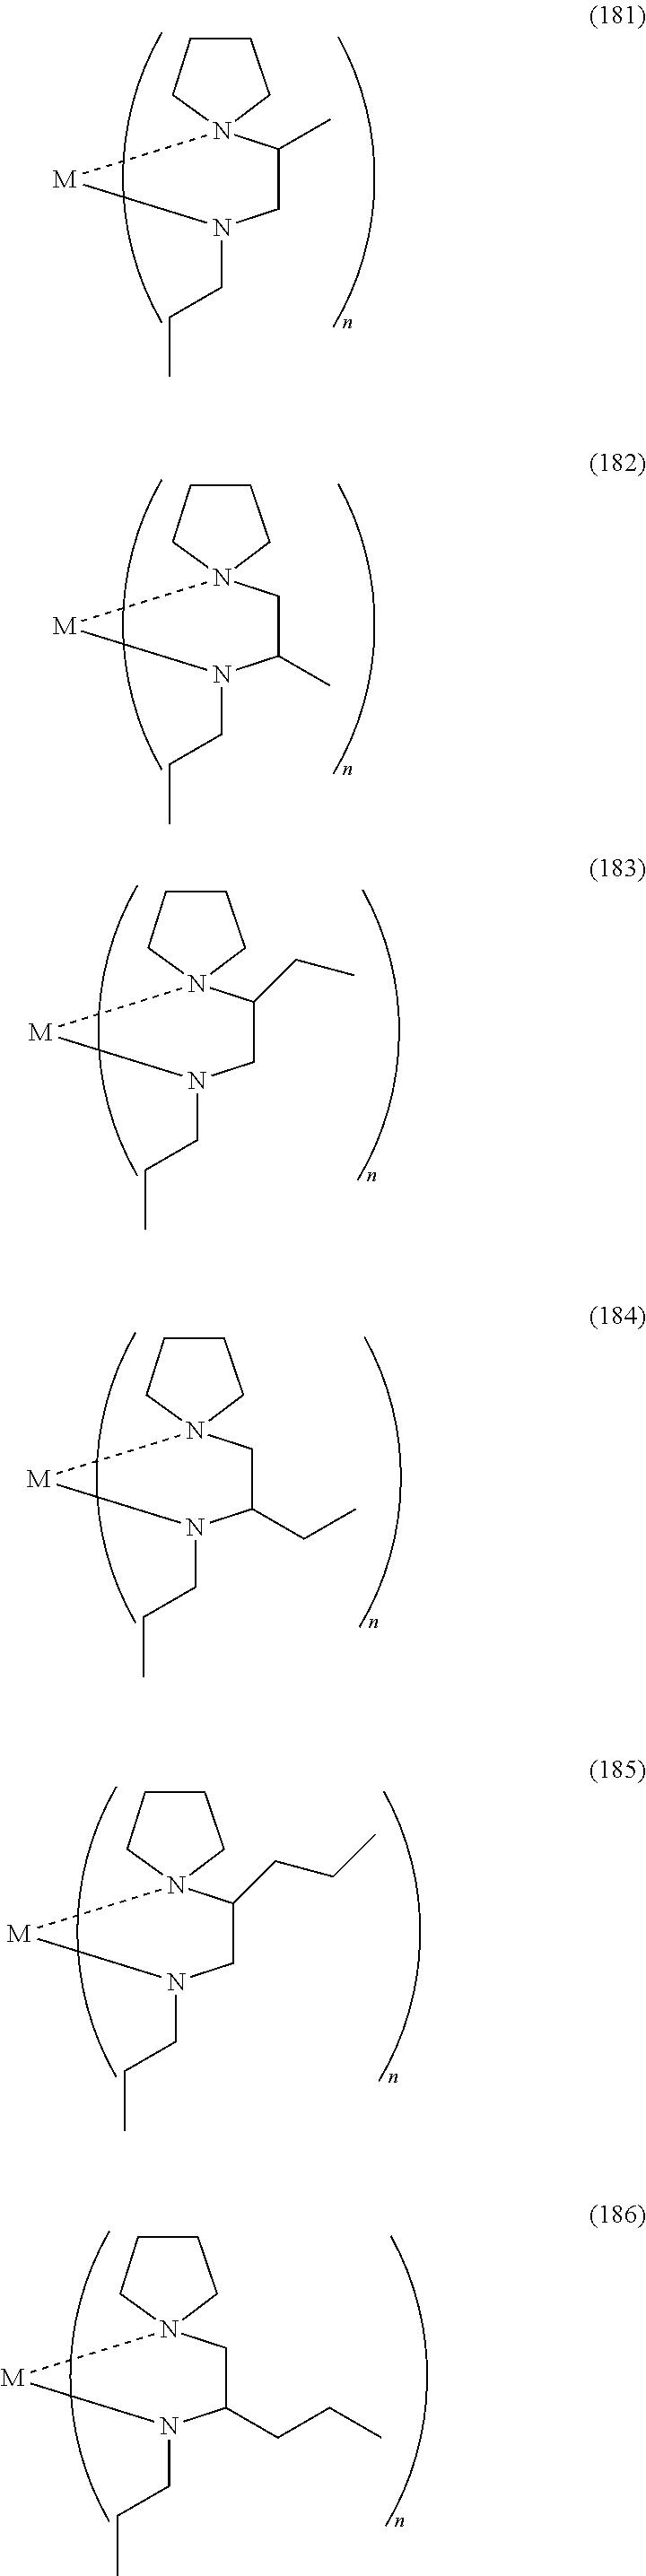 Figure US08871304-20141028-C00040